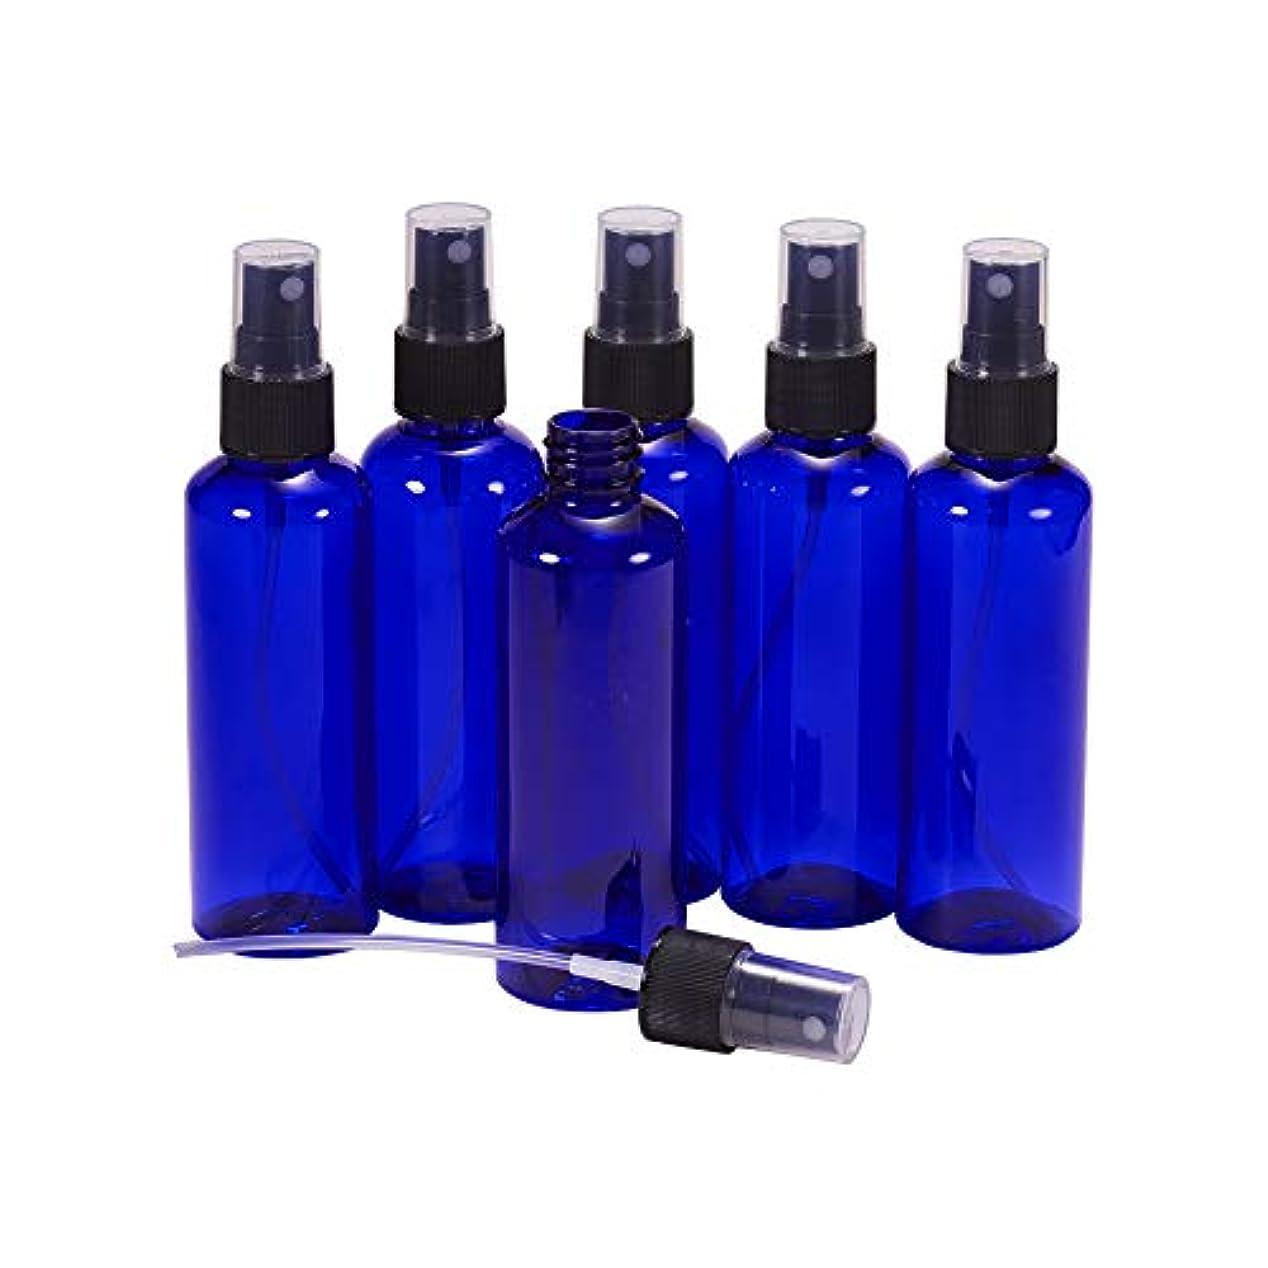 ジェームズダイソン列挙するおなかがすいたBENECREAT 100mlスプレーボトル 8個セット遮光瓶 小分けボトル プラスチック容器 液体用空ボトル 押し式詰替用ボトル 詰め替え シャンプー クリーム 化粧品 収納瓶